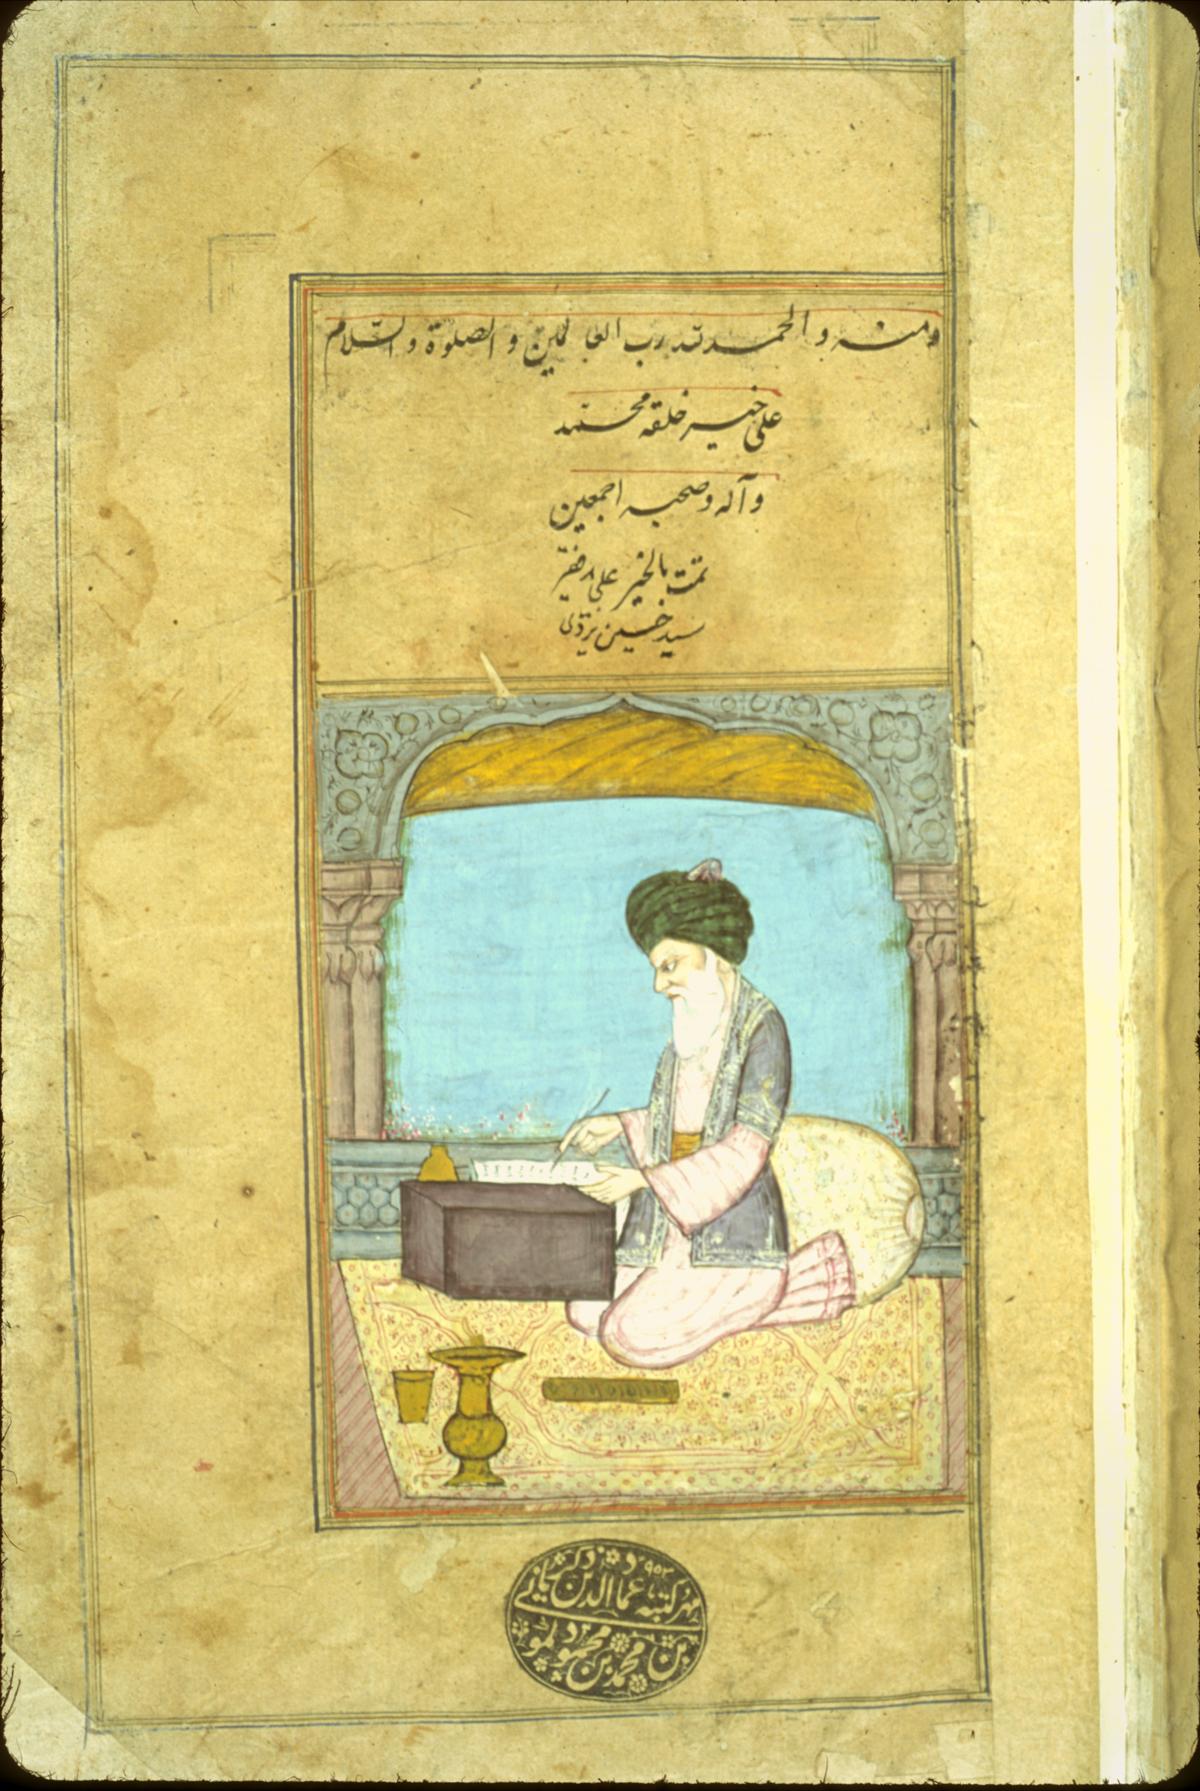 islamic medical manuscripts, natural history 6